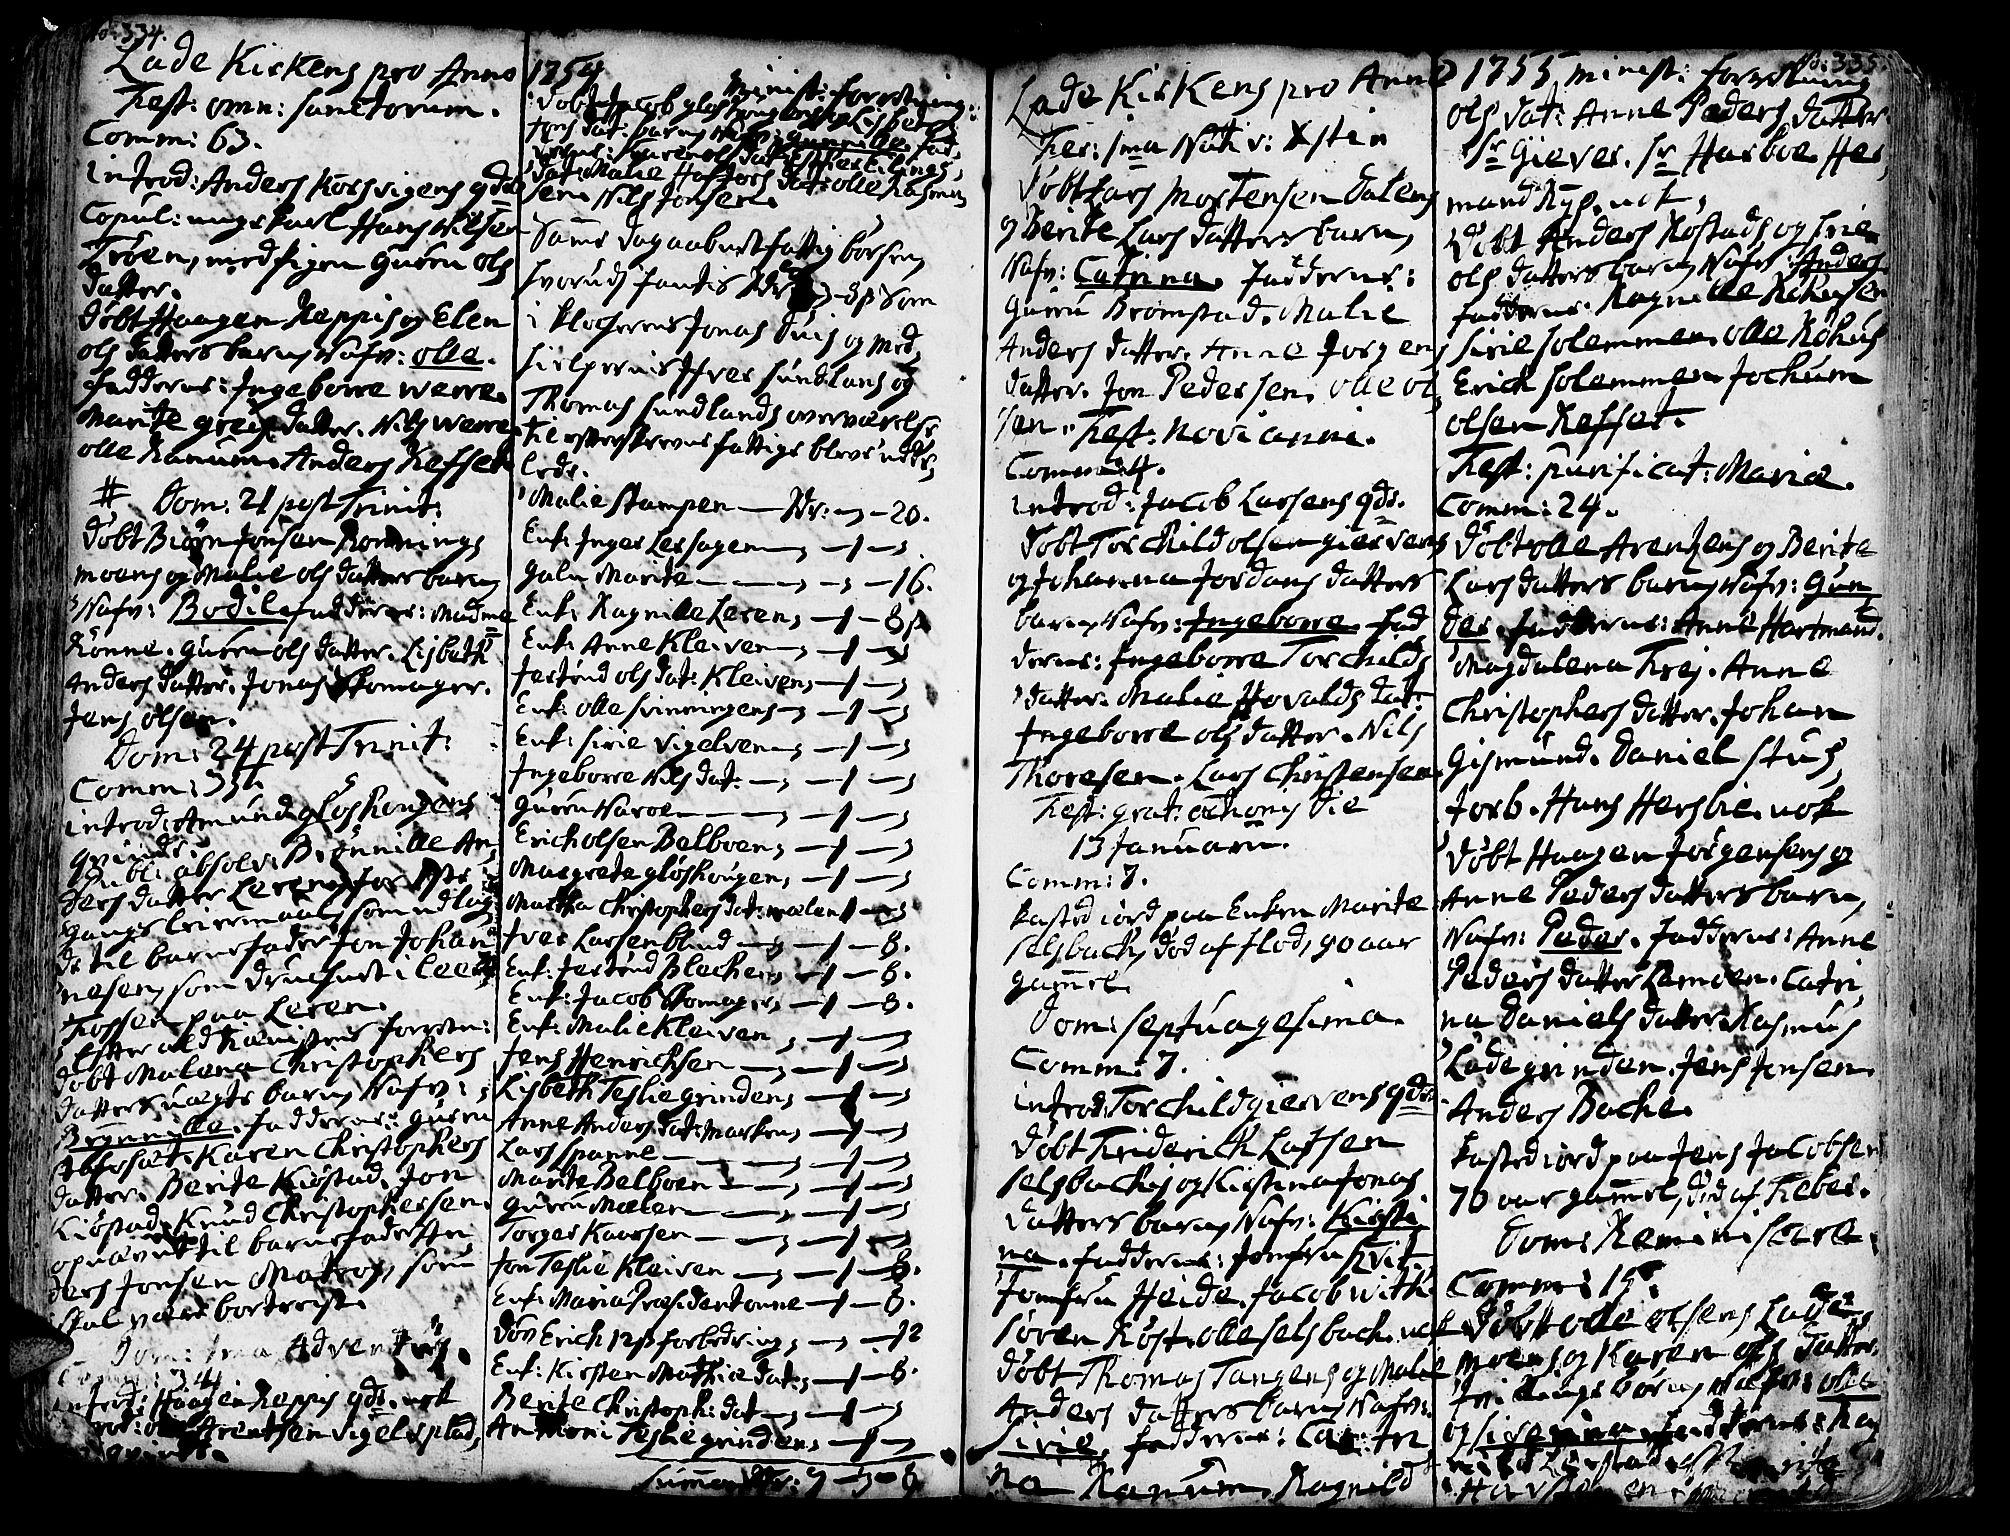 SAT, Ministerialprotokoller, klokkerbøker og fødselsregistre - Sør-Trøndelag, 606/L0275: Ministerialbok nr. 606A01 /1, 1727-1780, s. 334-335